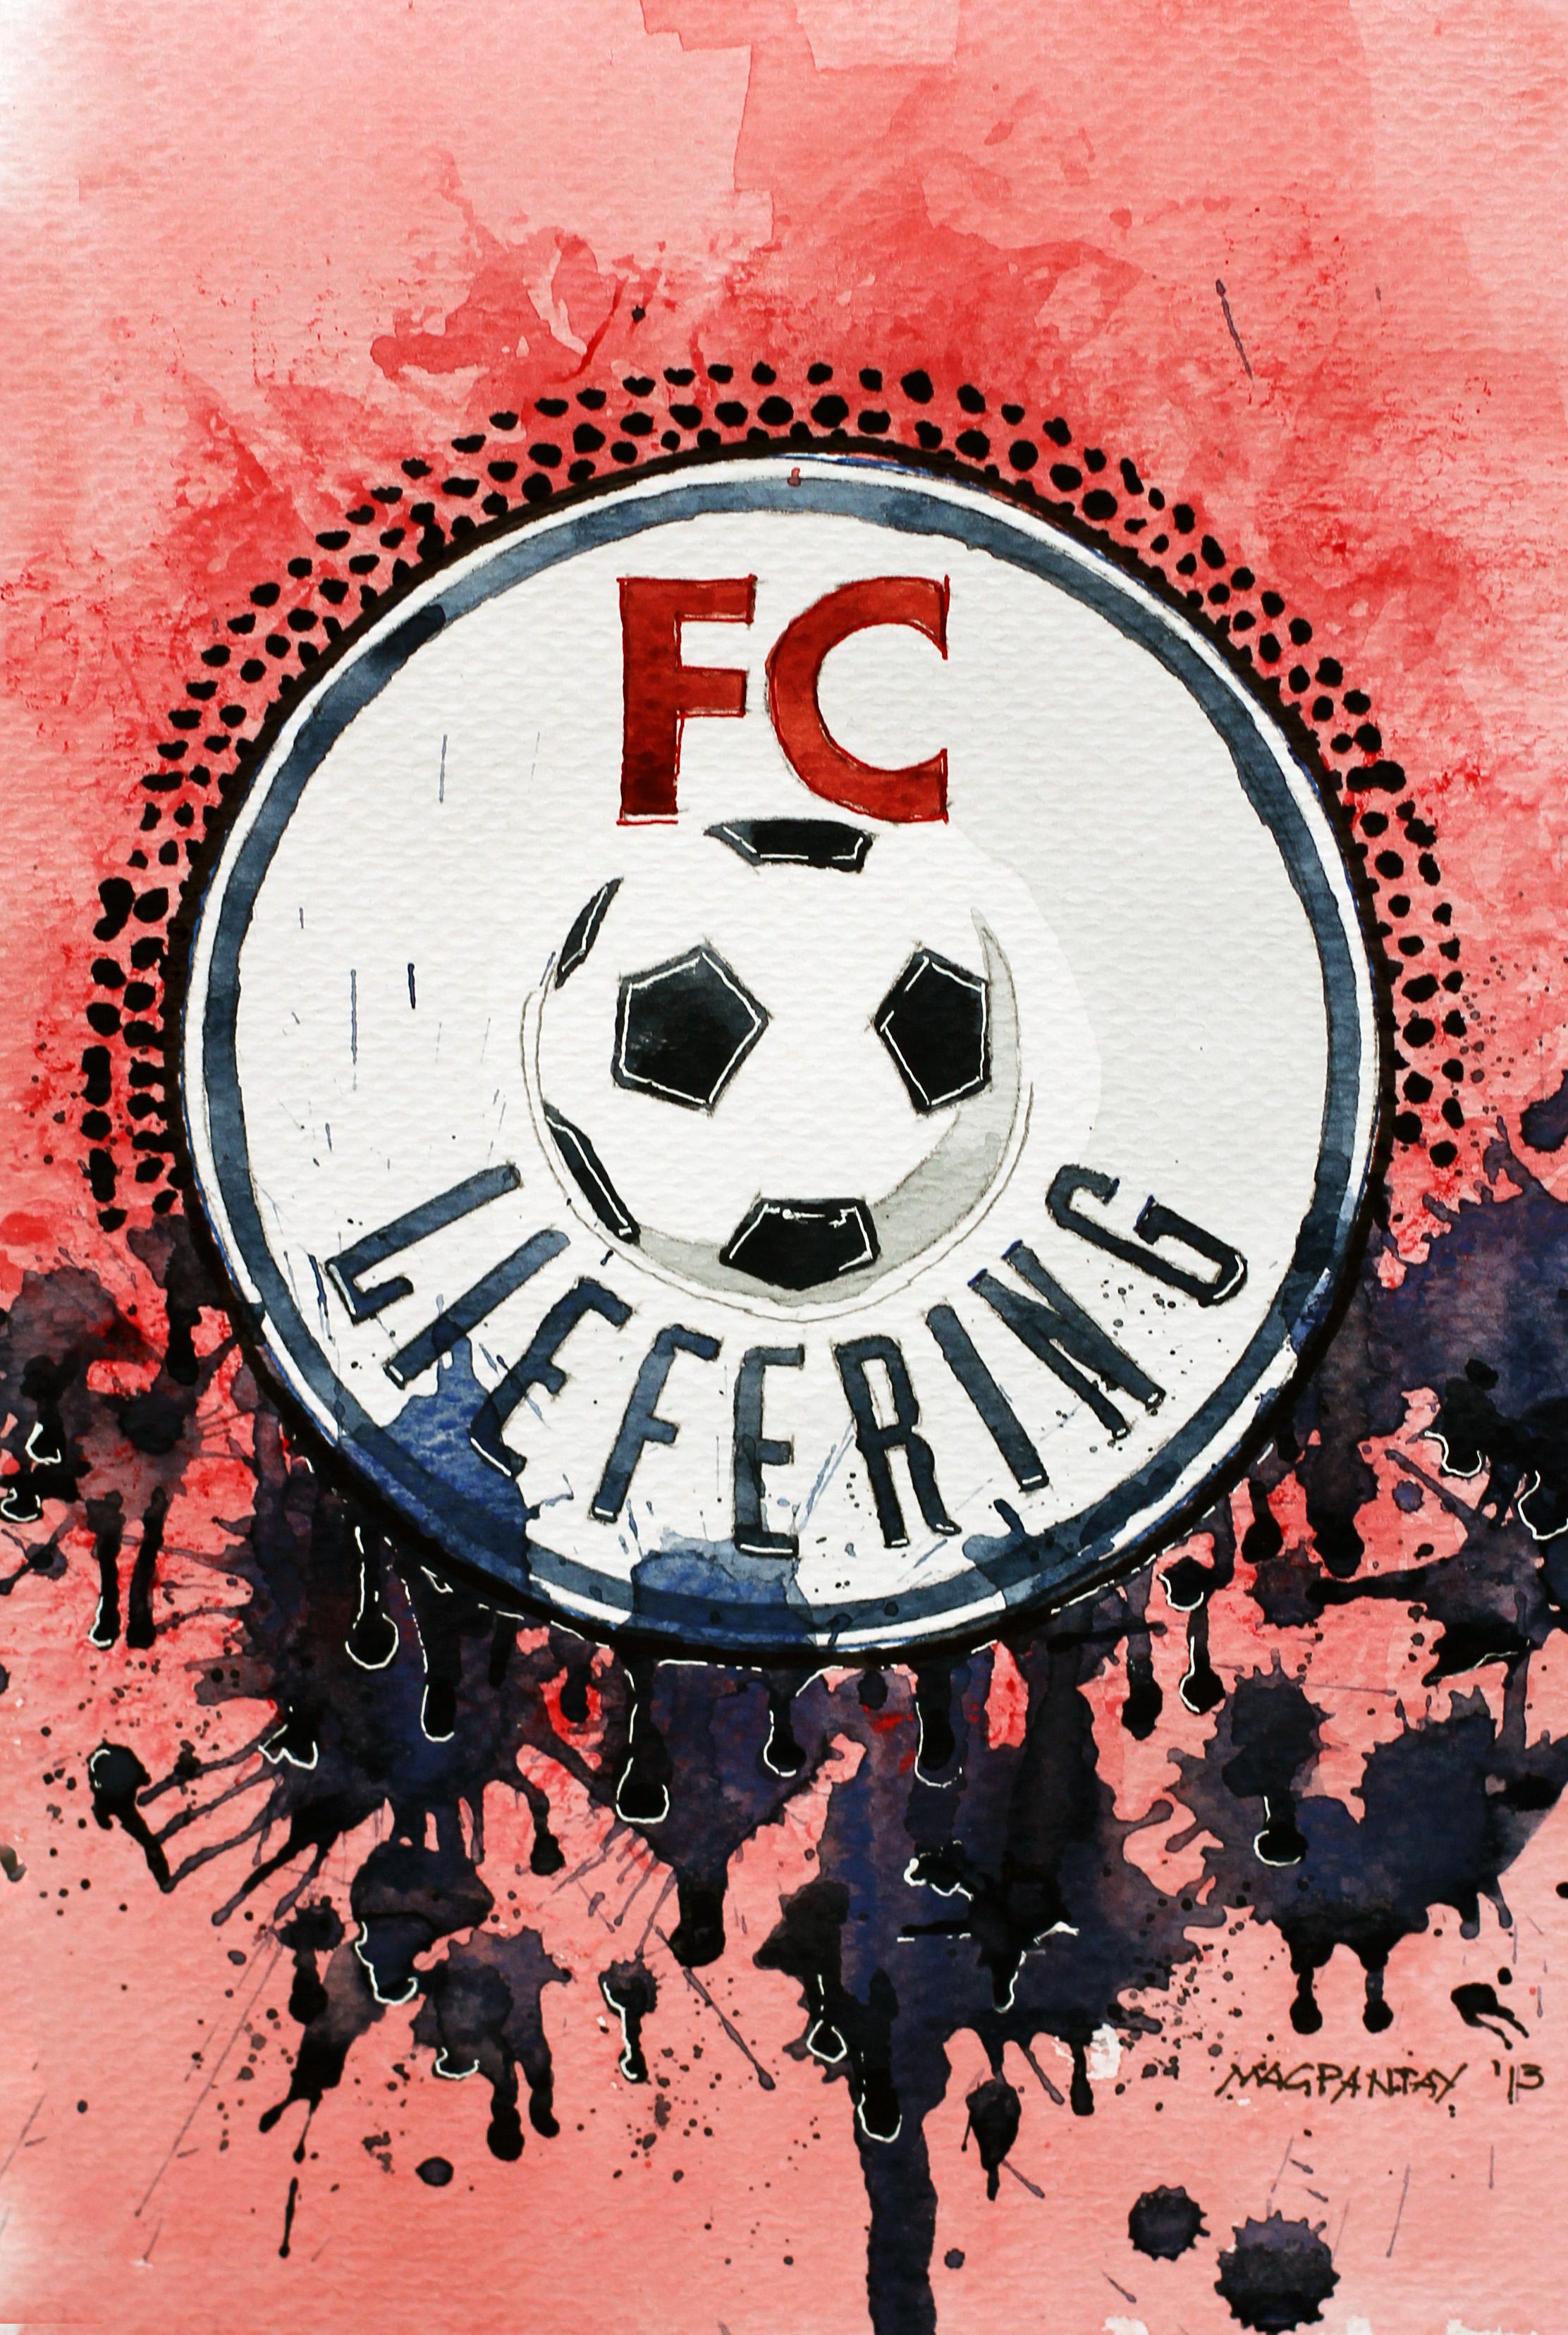 FC-Liefering-Wappen-Logo.jpg?x35400?x354